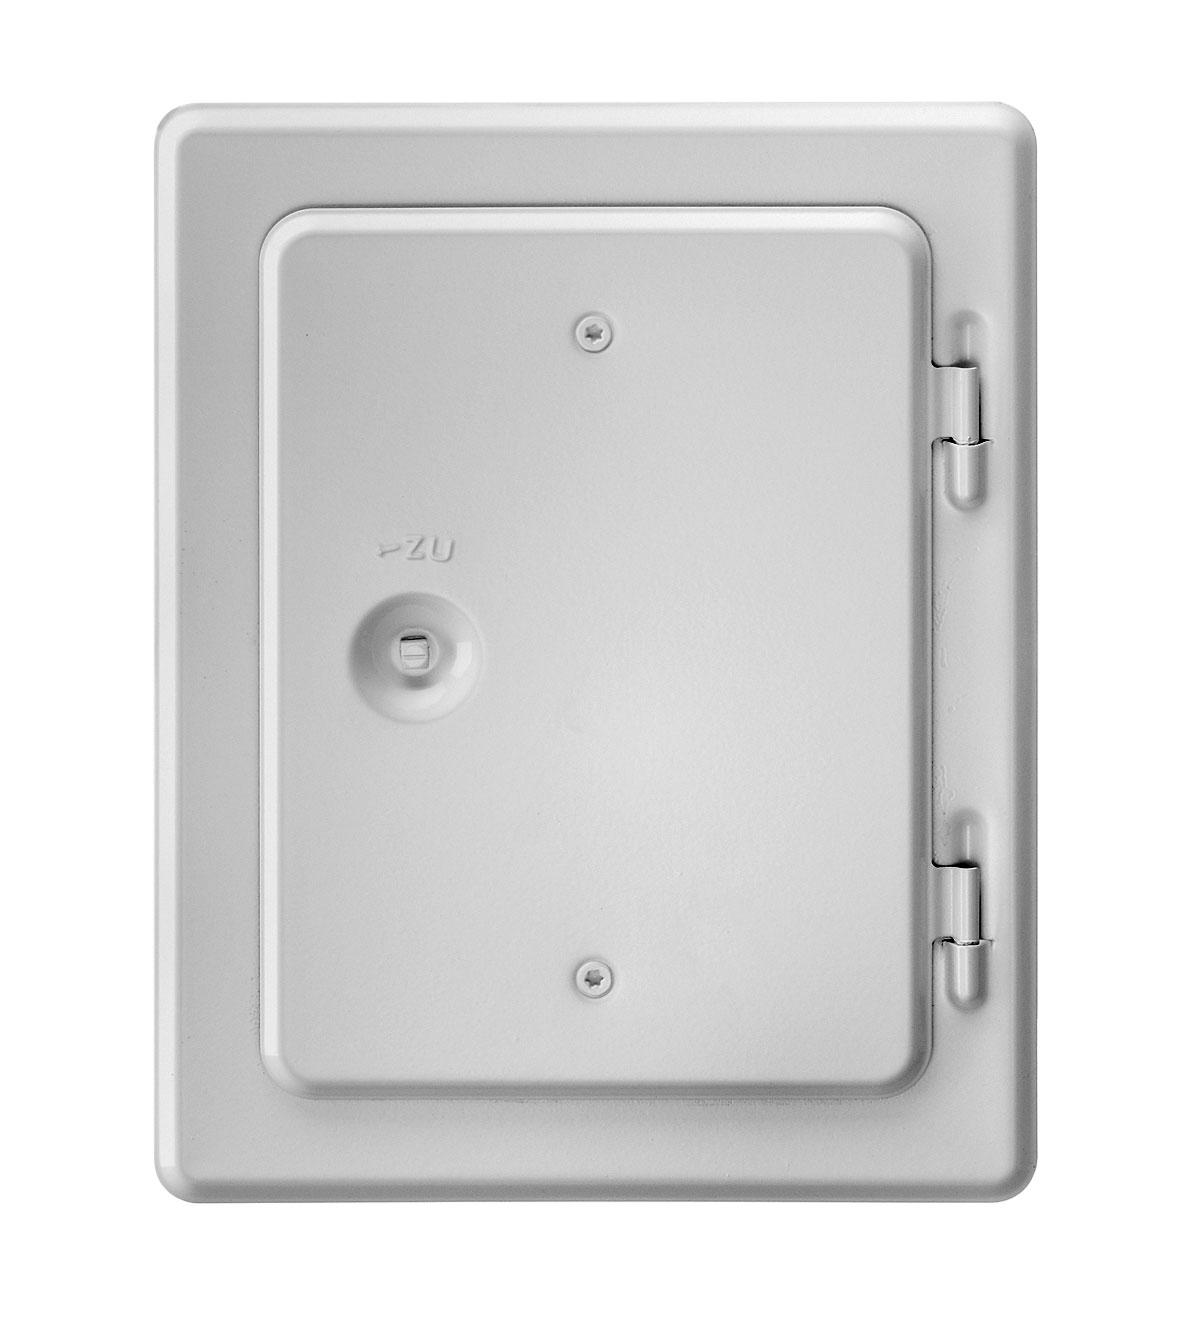 Kamintür K20/4 Edelstahl weiß Vierkantverschluss Einbaumaß 140x200mm Bild 1